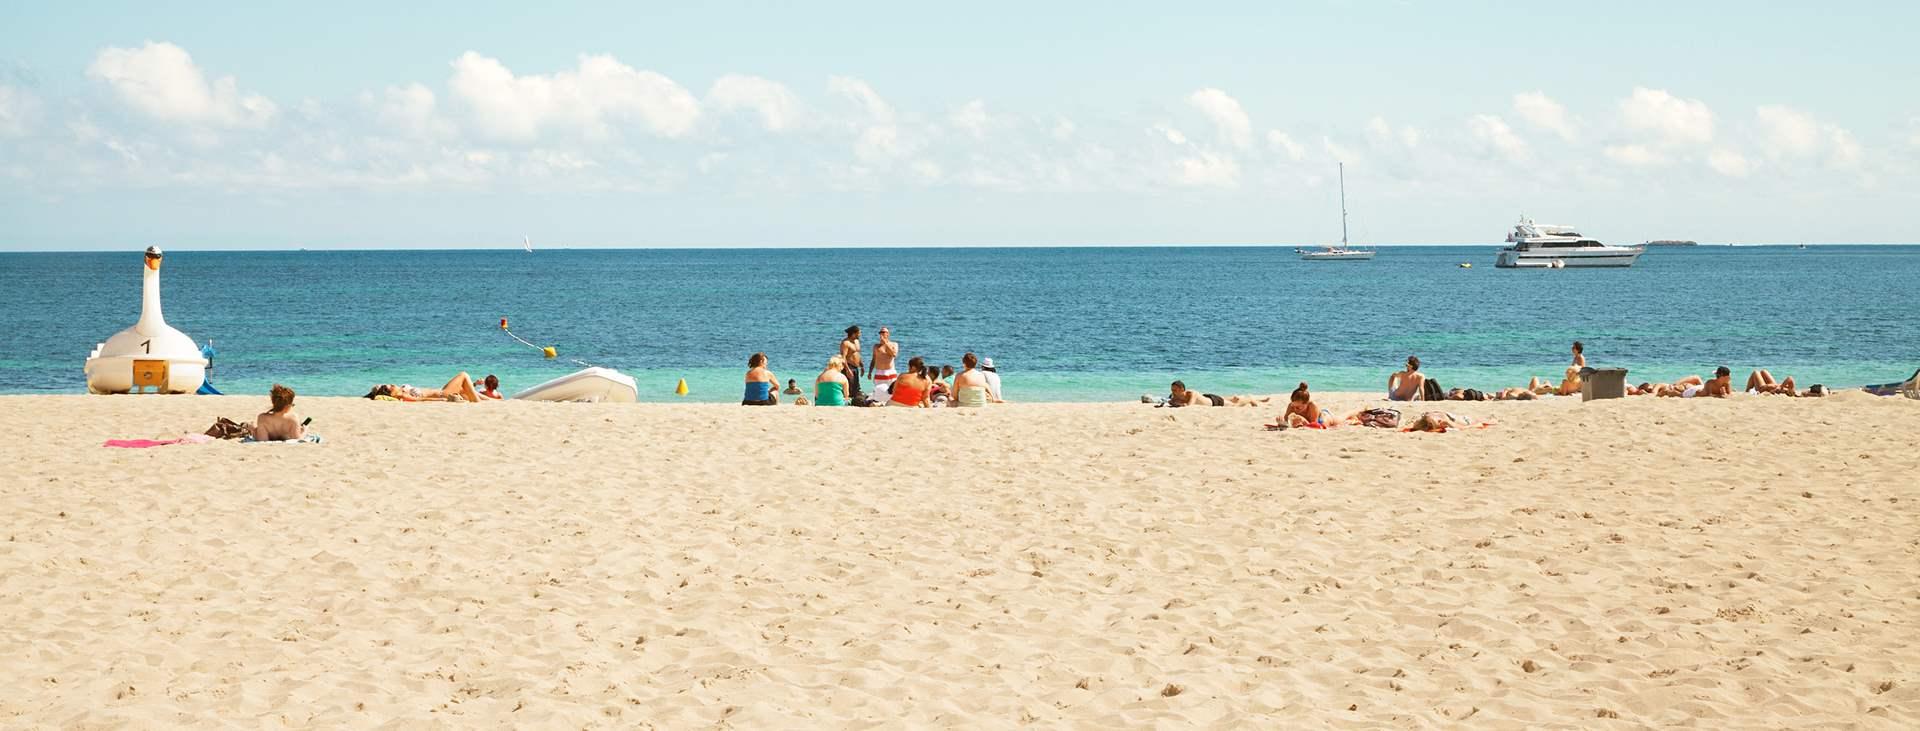 Bestill en reise med All Inclusive til Sa Coma på Mallorca